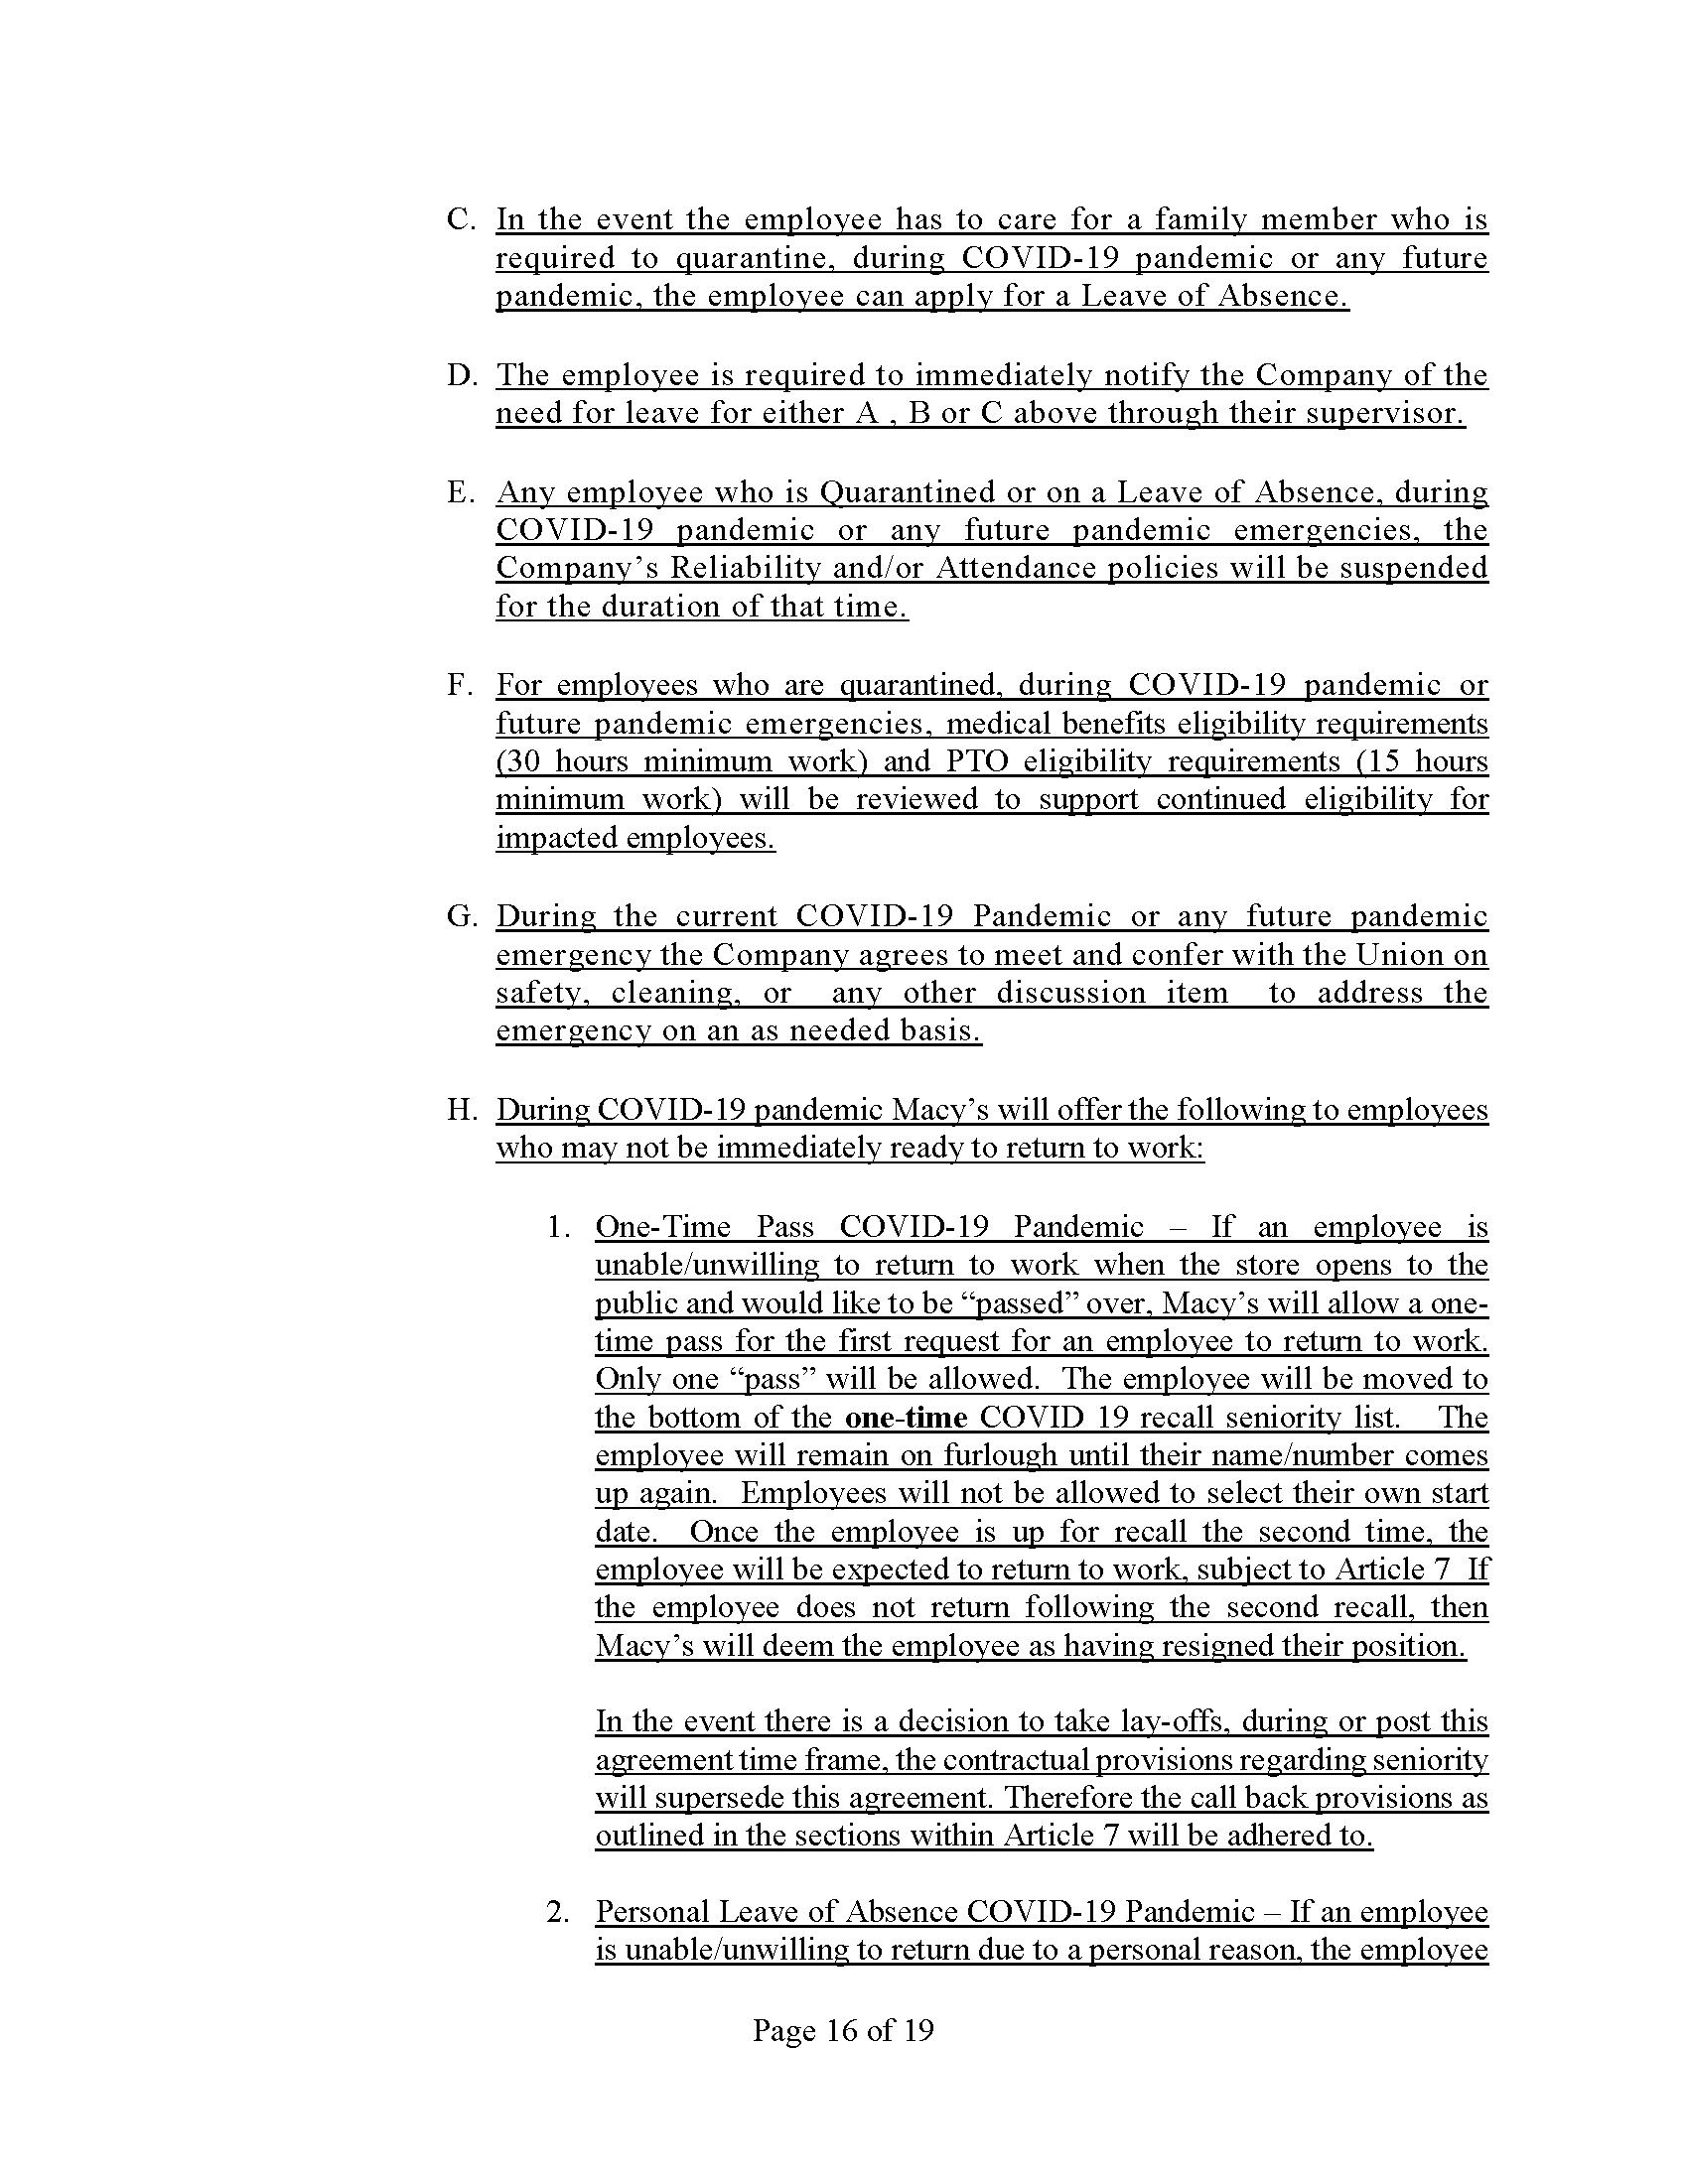 Memorandum_of_Agreement_10484__Page_16.png